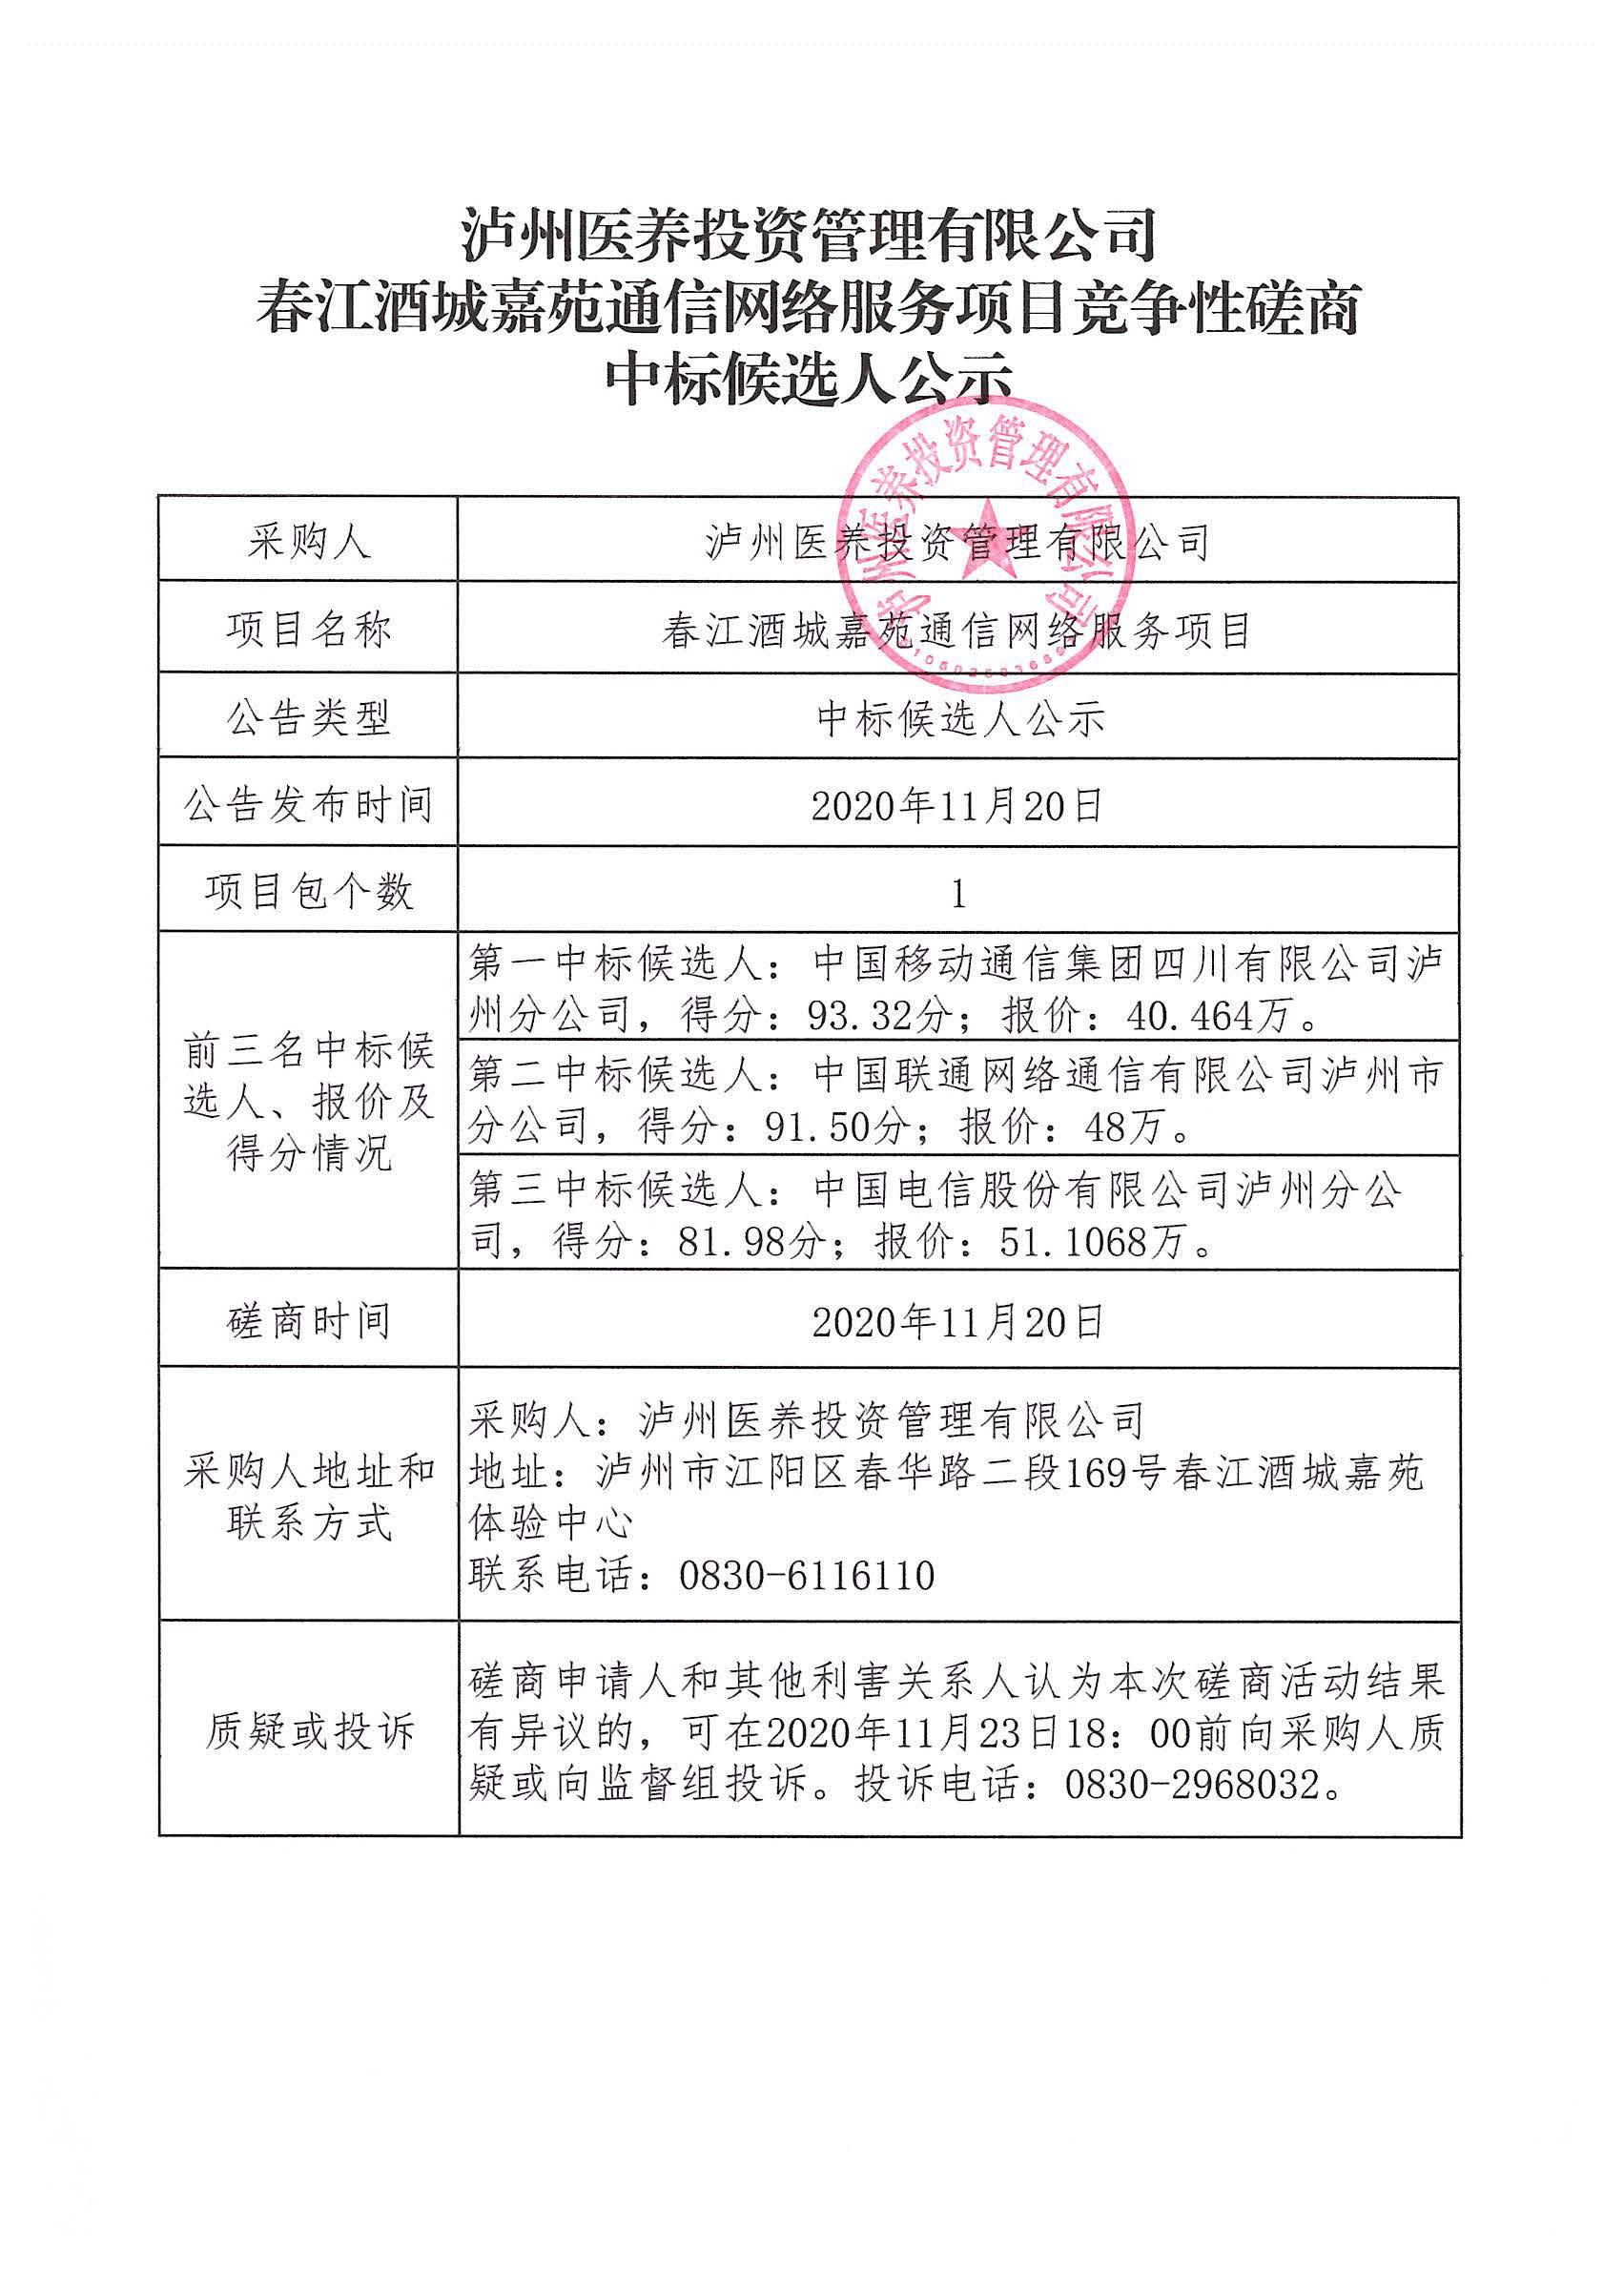 春江酒城嘉苑通信网络服务项目竞争性磋商中标候选人公示.jpg